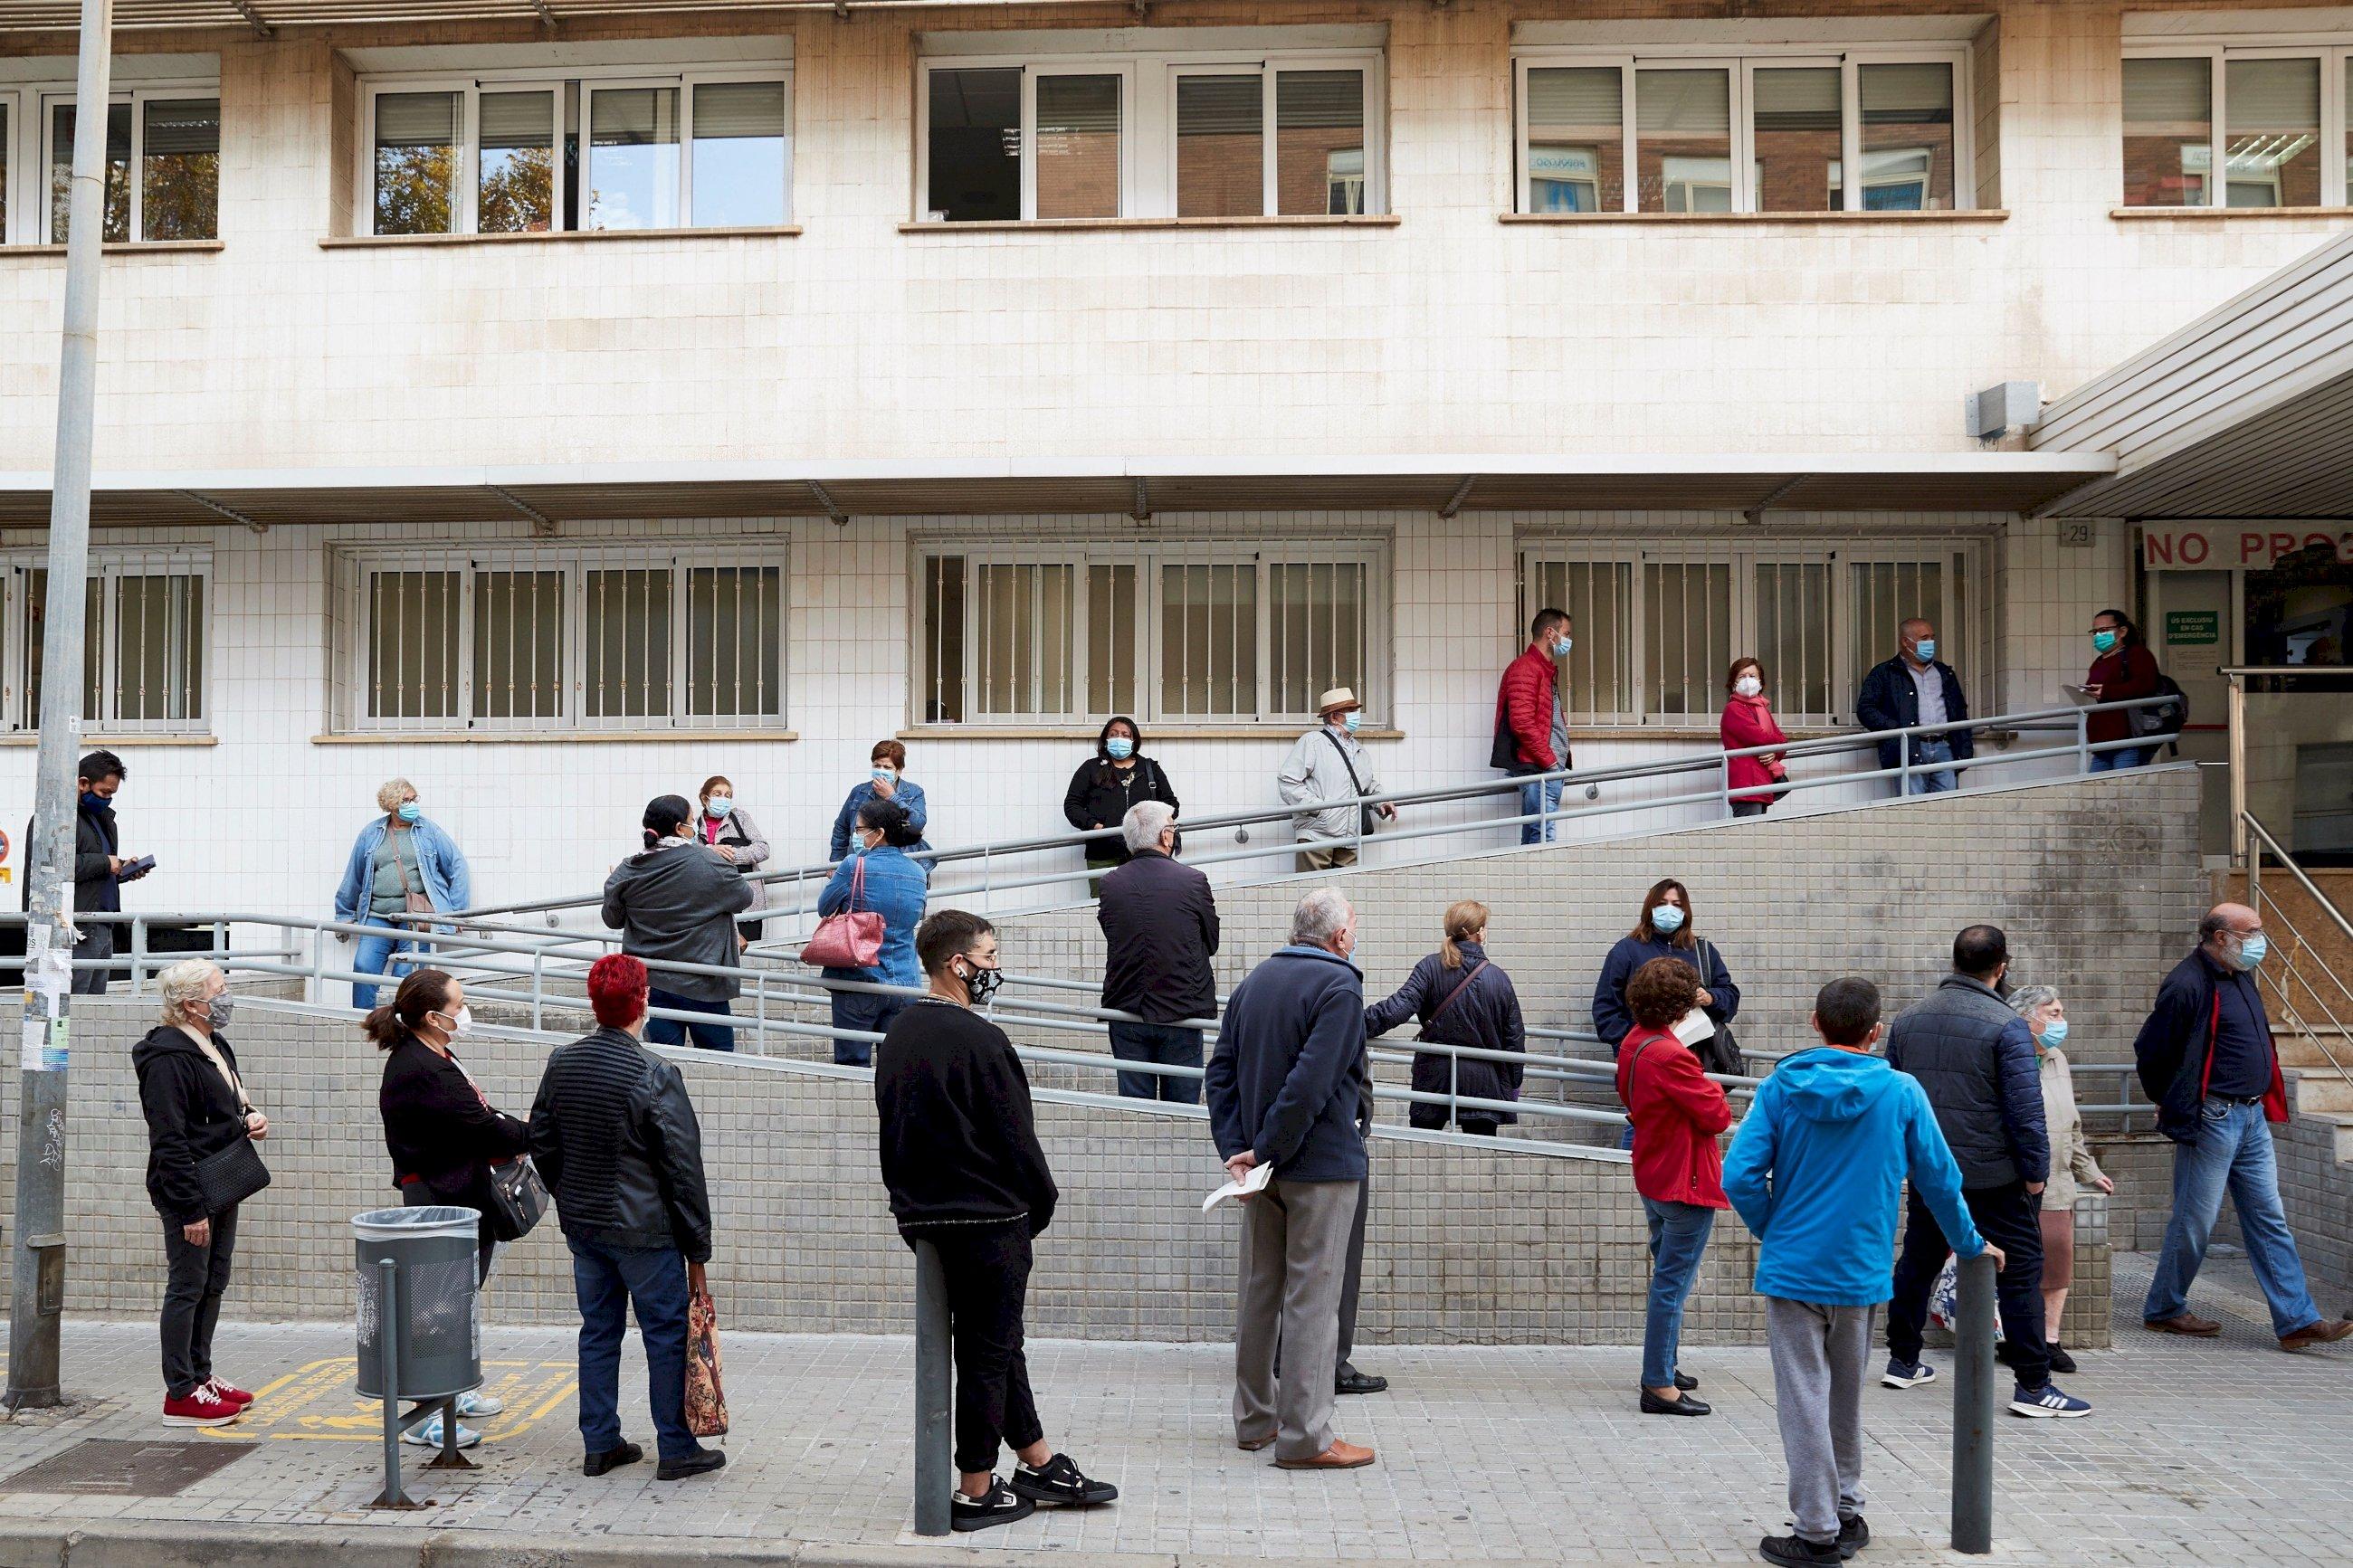 Entrada del Centro de Atención Primaria (CAP) Just Oliveras de L'Hospitalet (Barcelona) la semana pasada. Pese a las colas, la mayoría de las consultas médicas se resuelven por teléfono. /EFE/Alejandro García